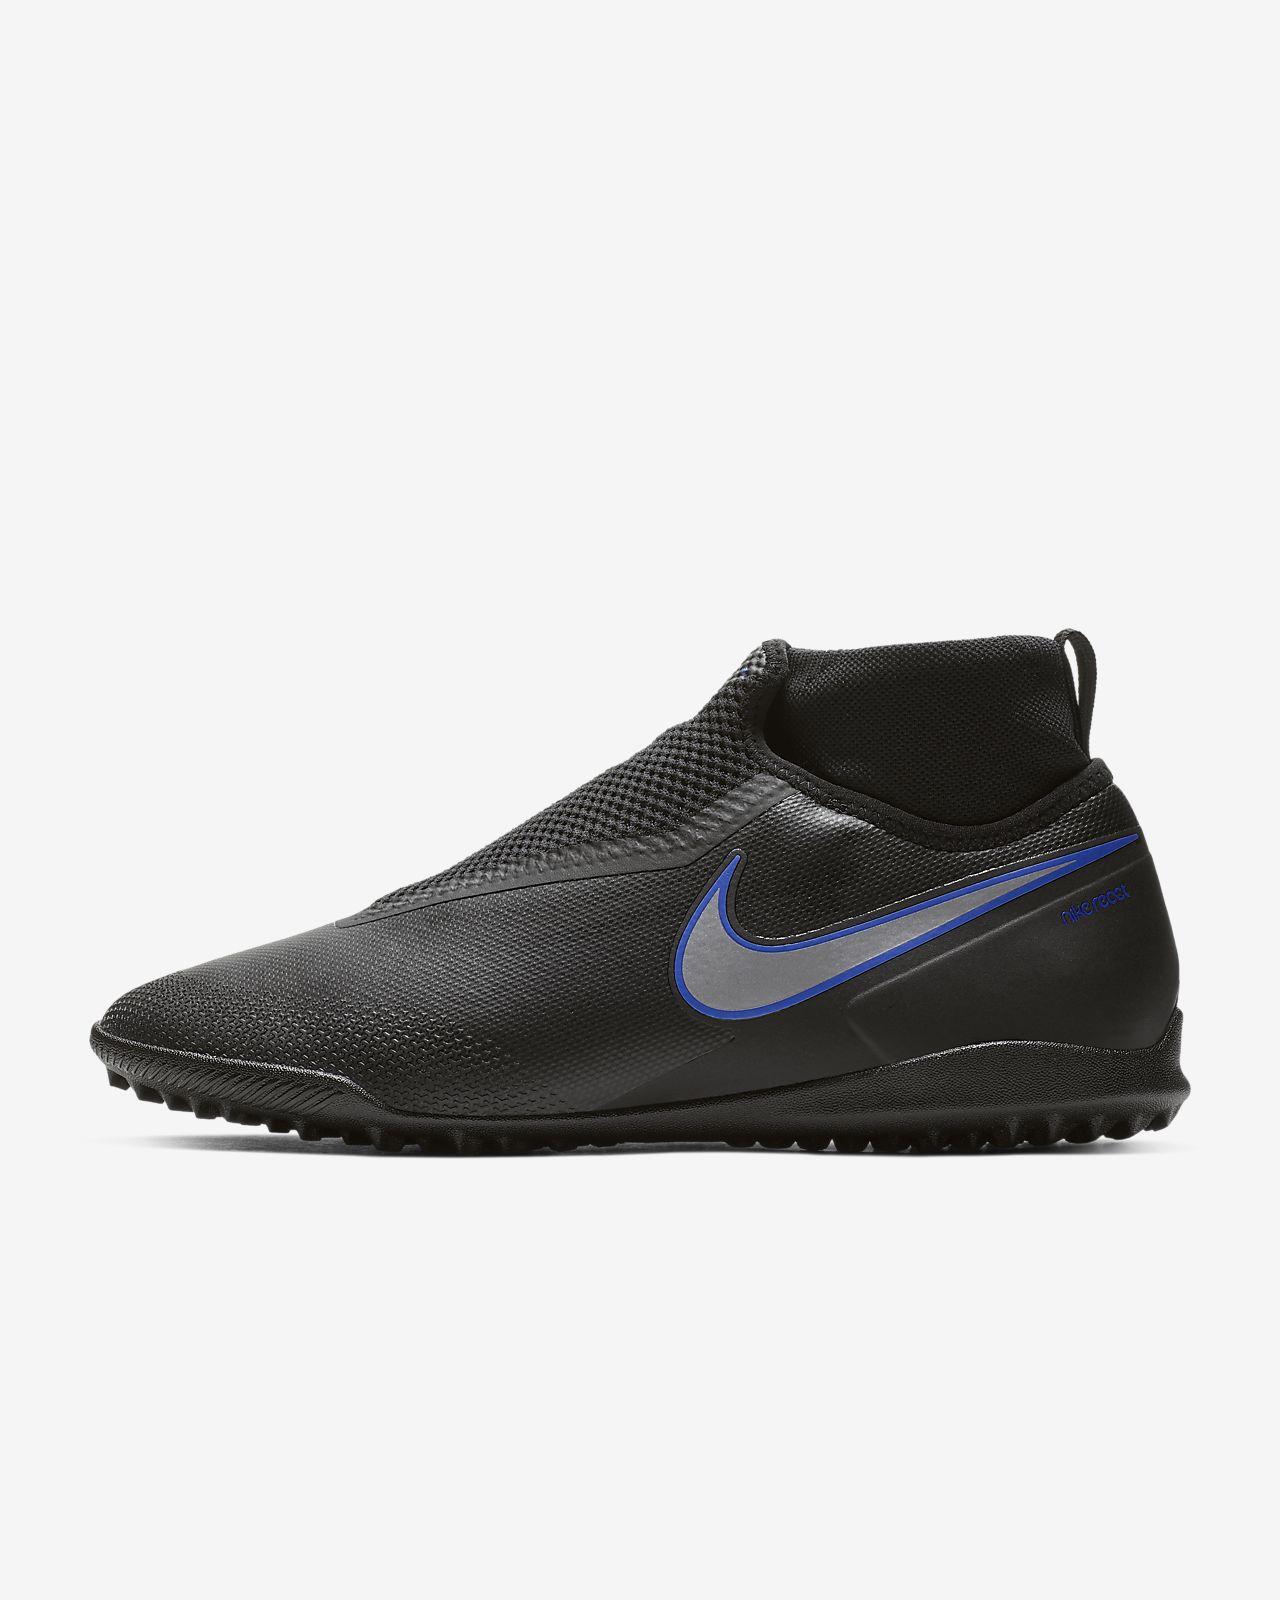 precio al por mayor nuevas imágenes de revisa Nike React Phantom Vision Pro Dynamic Fit TF Turf Football Shoe